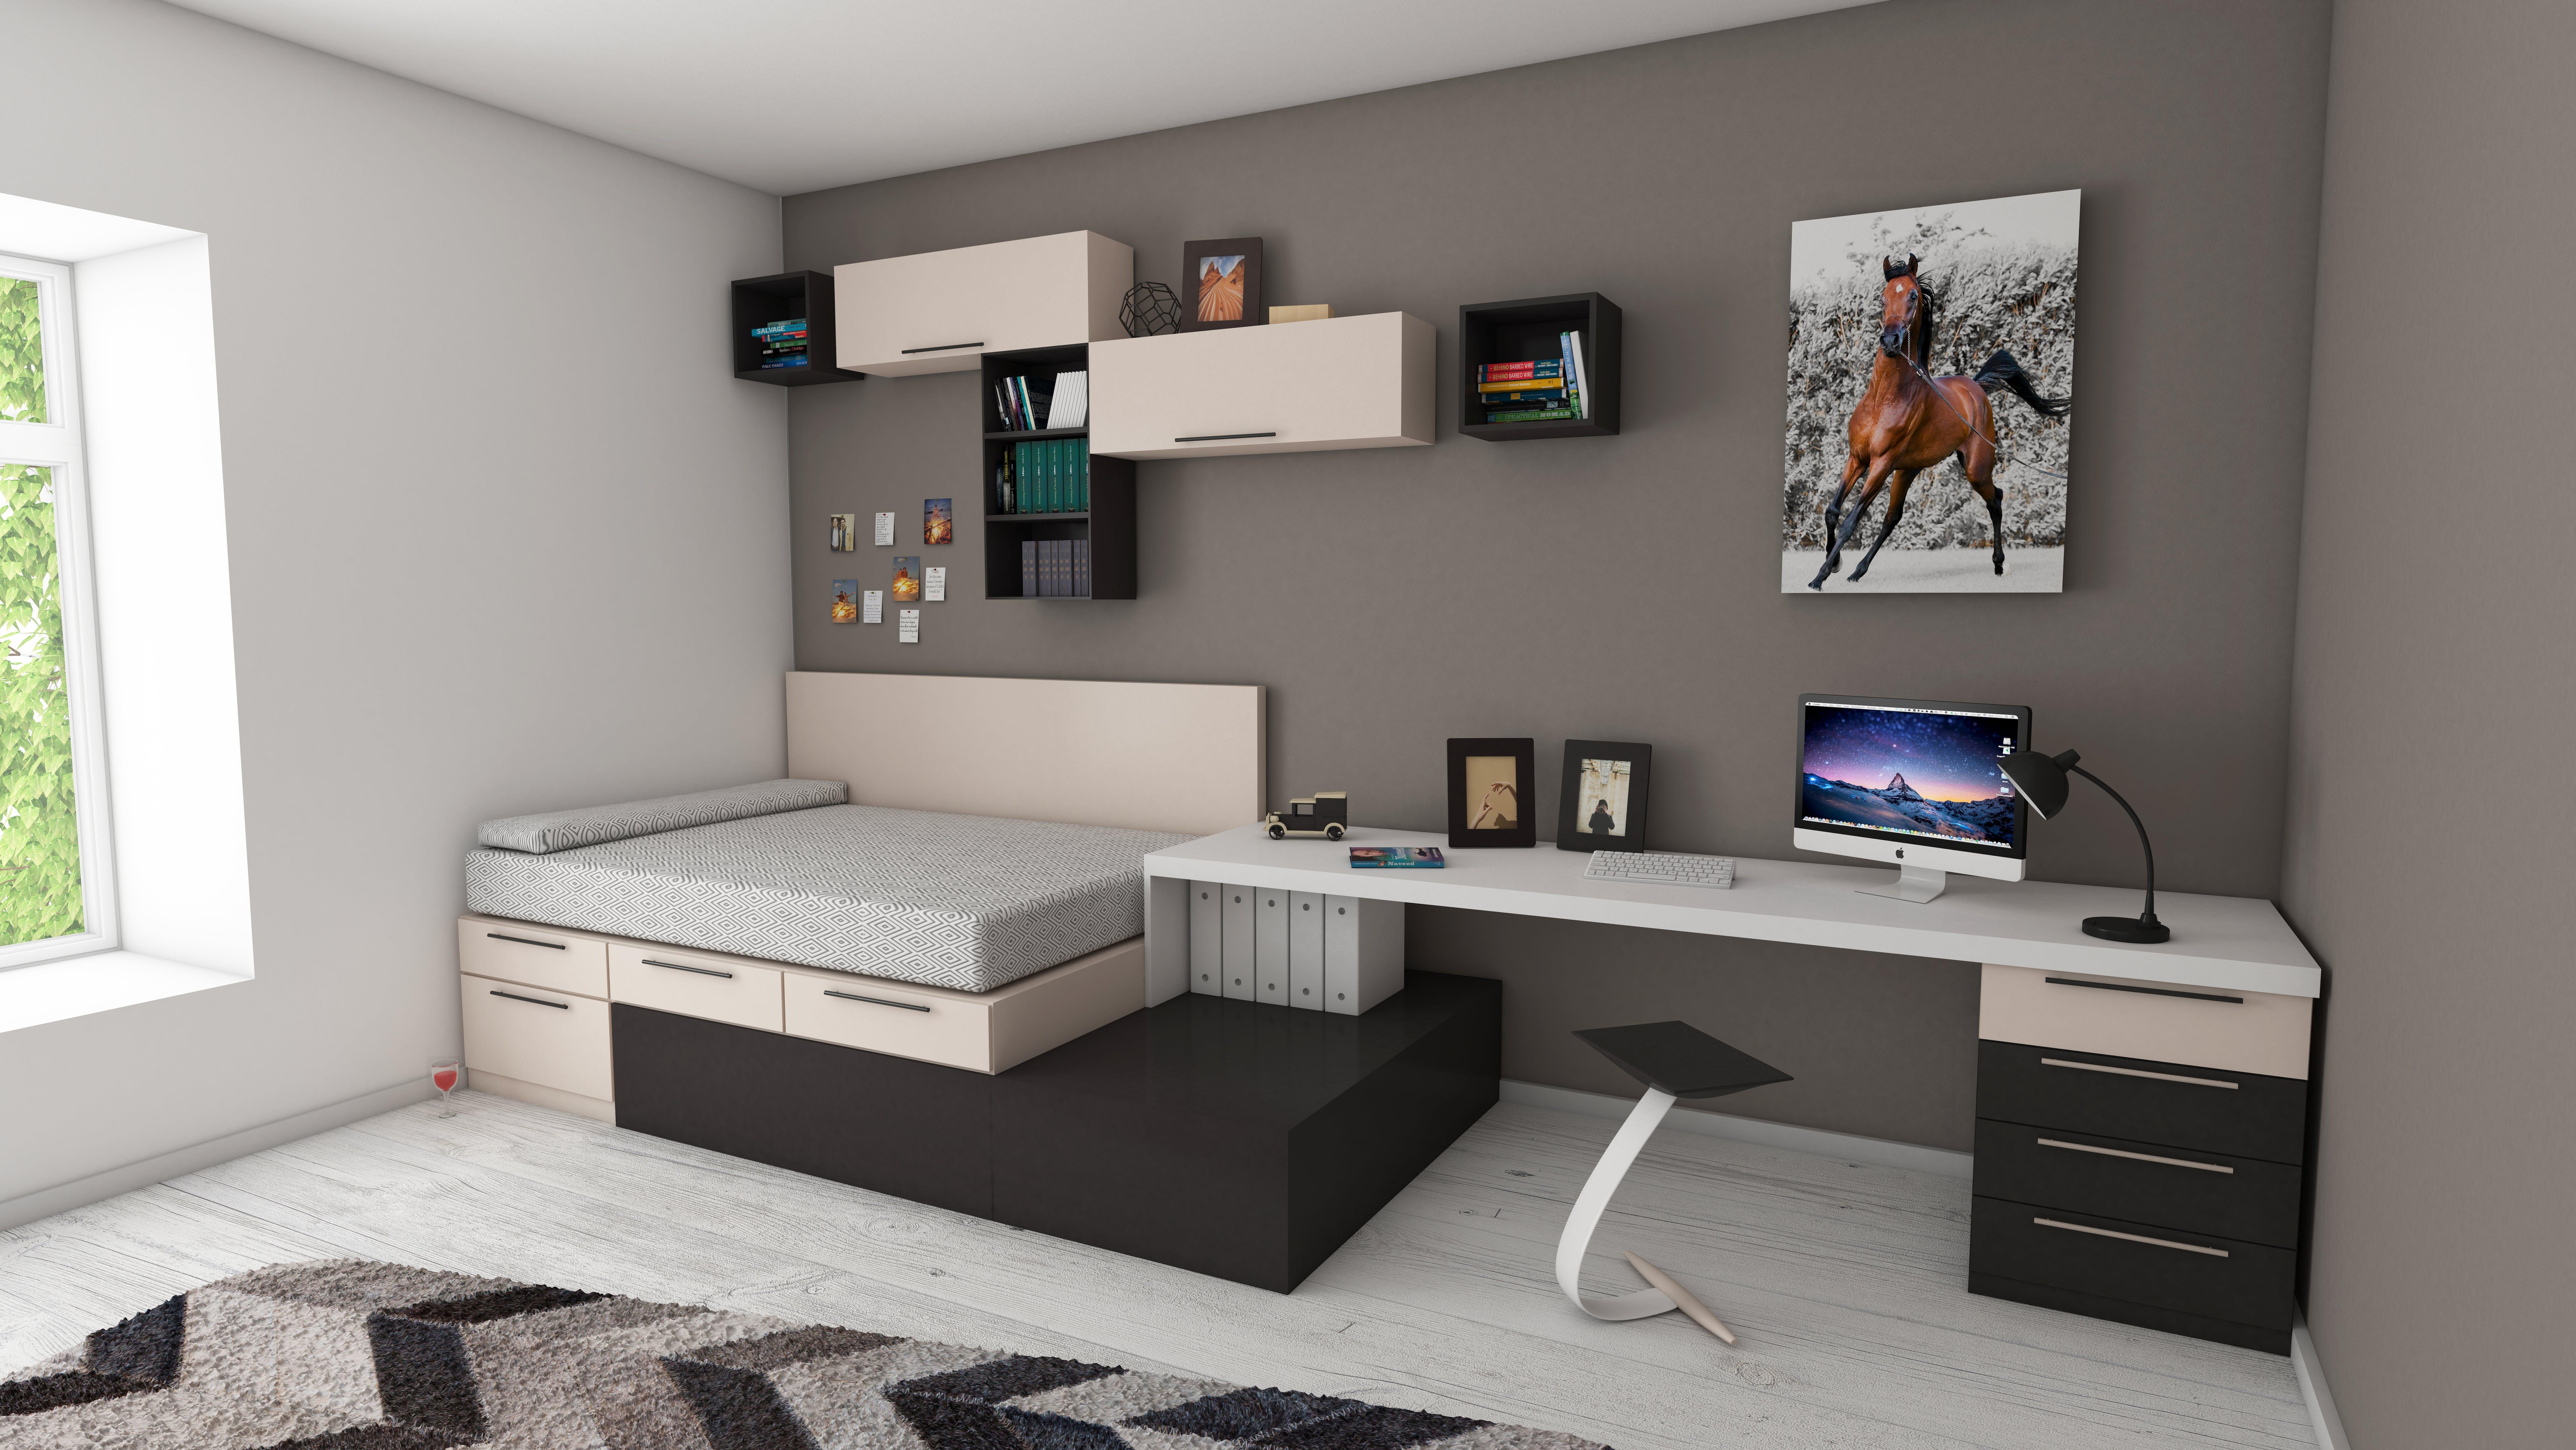 Customizable Interior Design